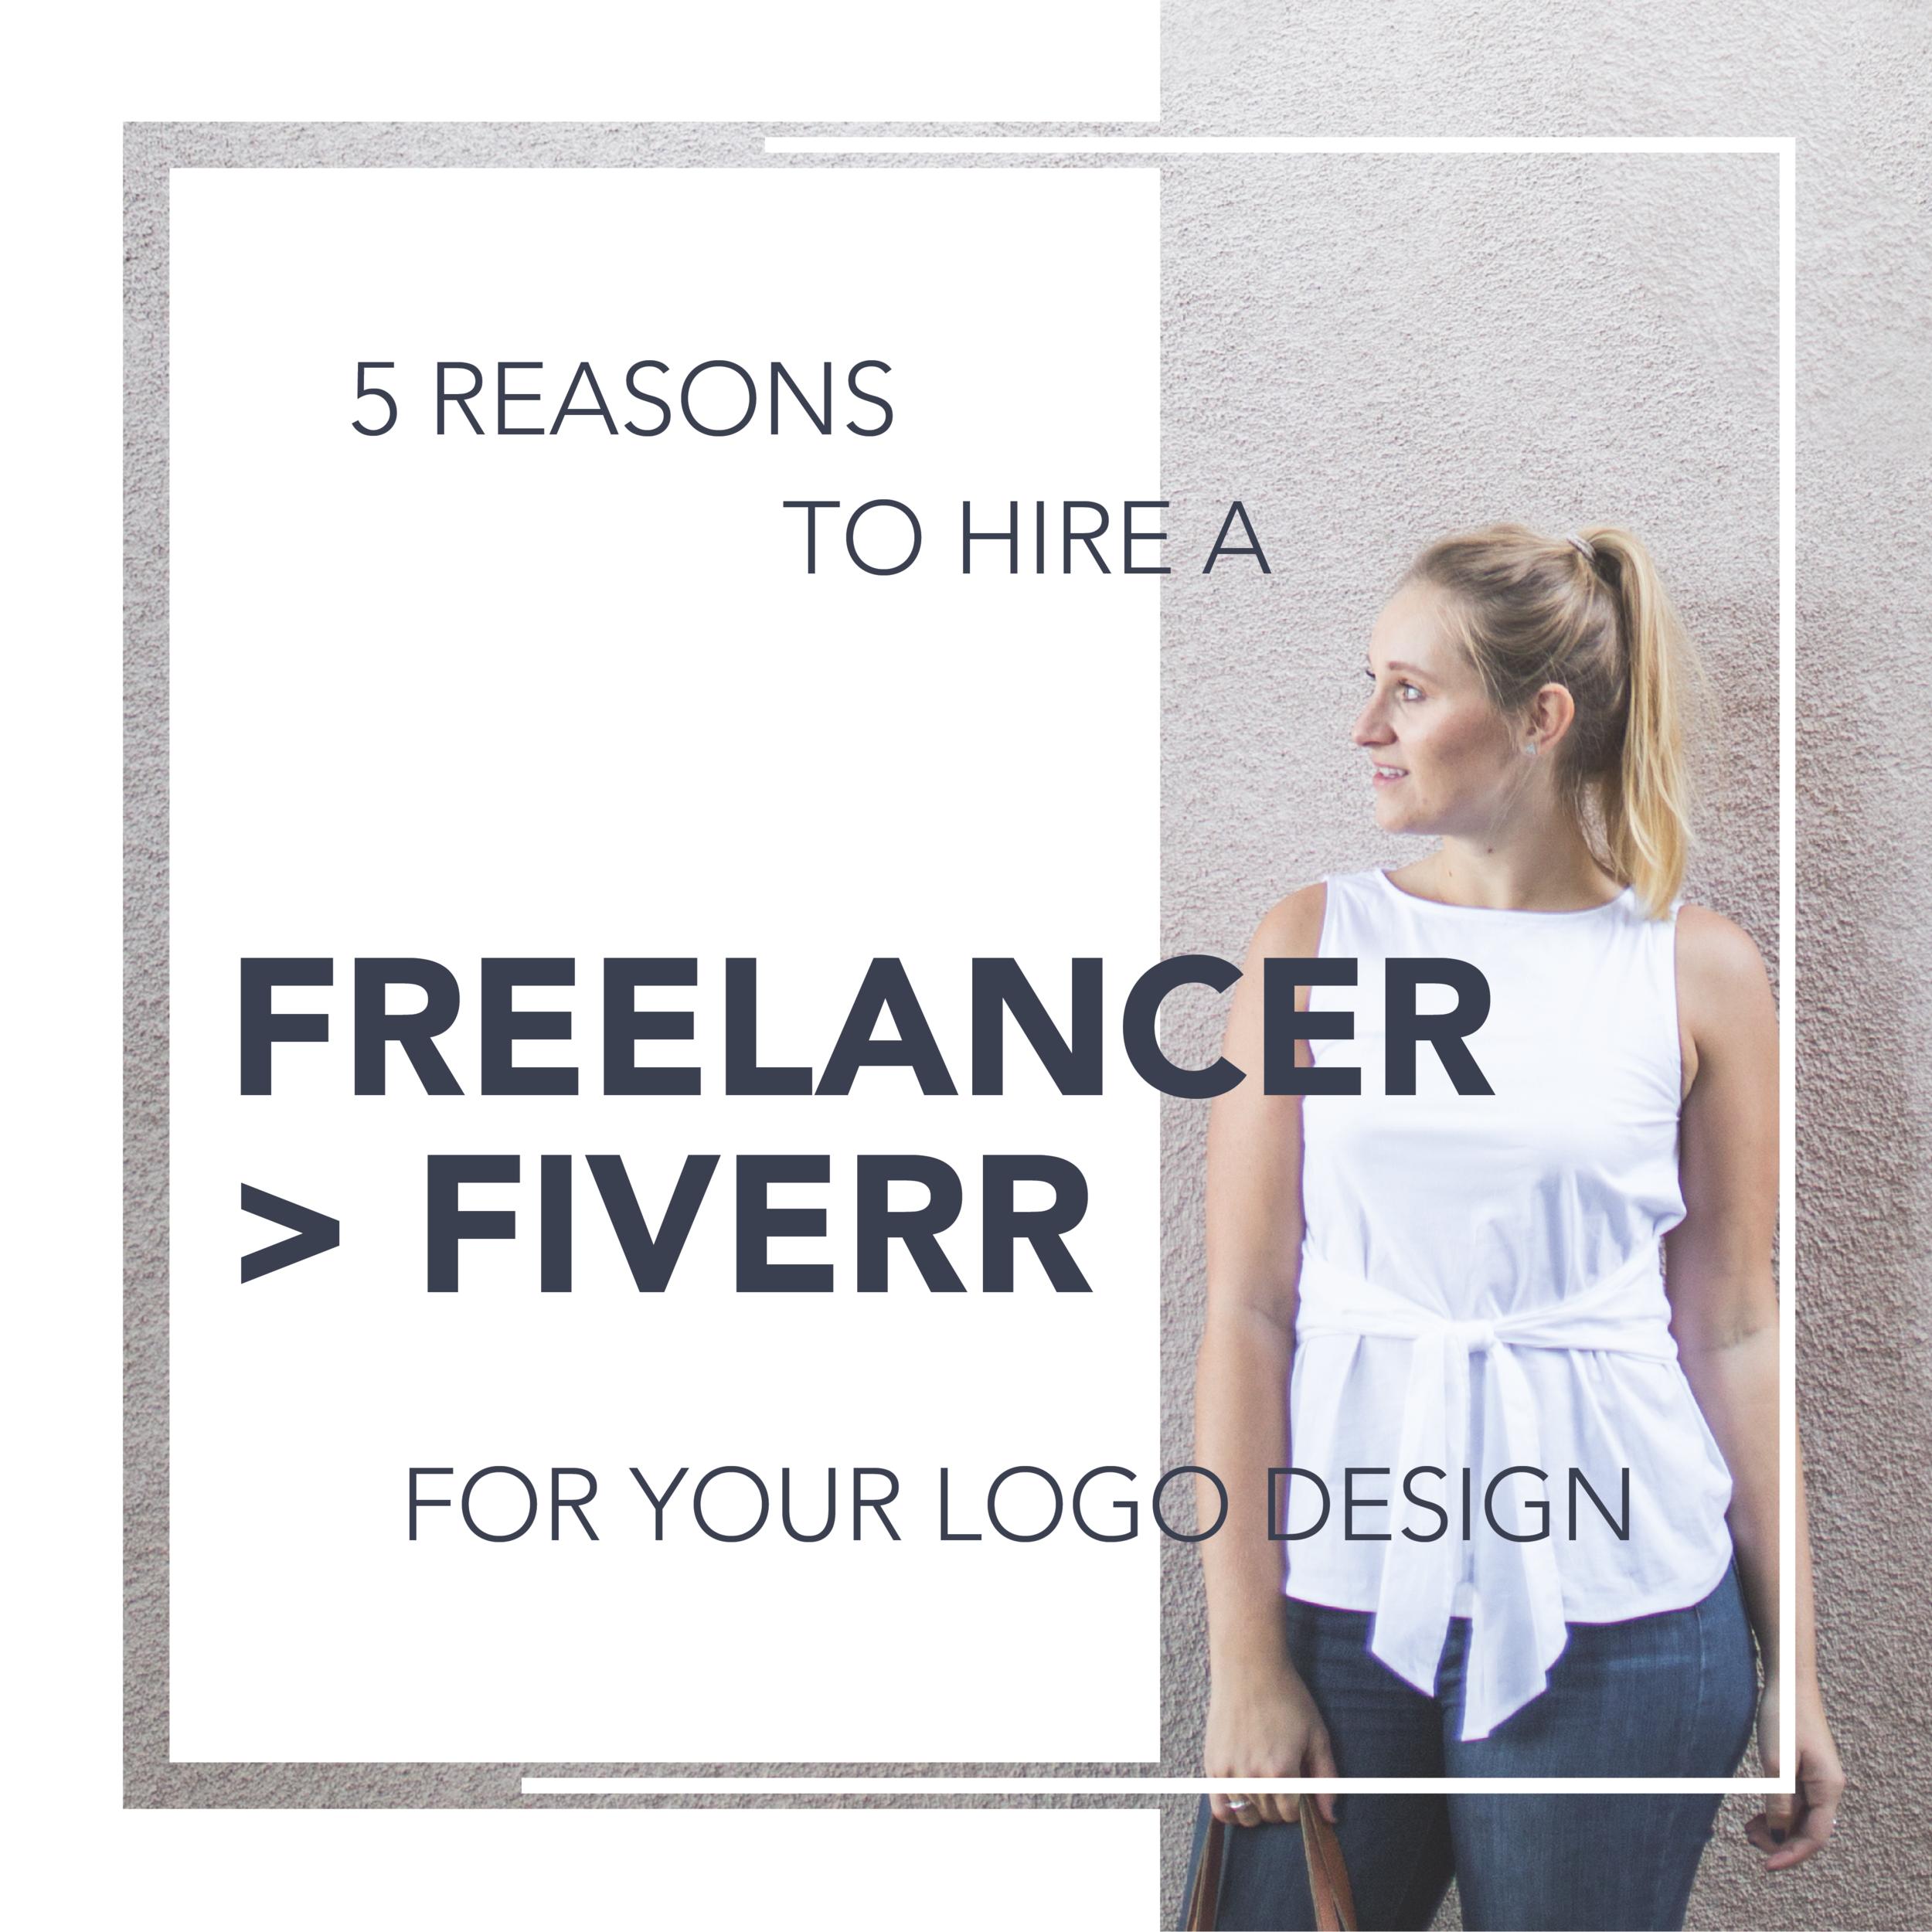 Freelancer over Fiverr-01.png